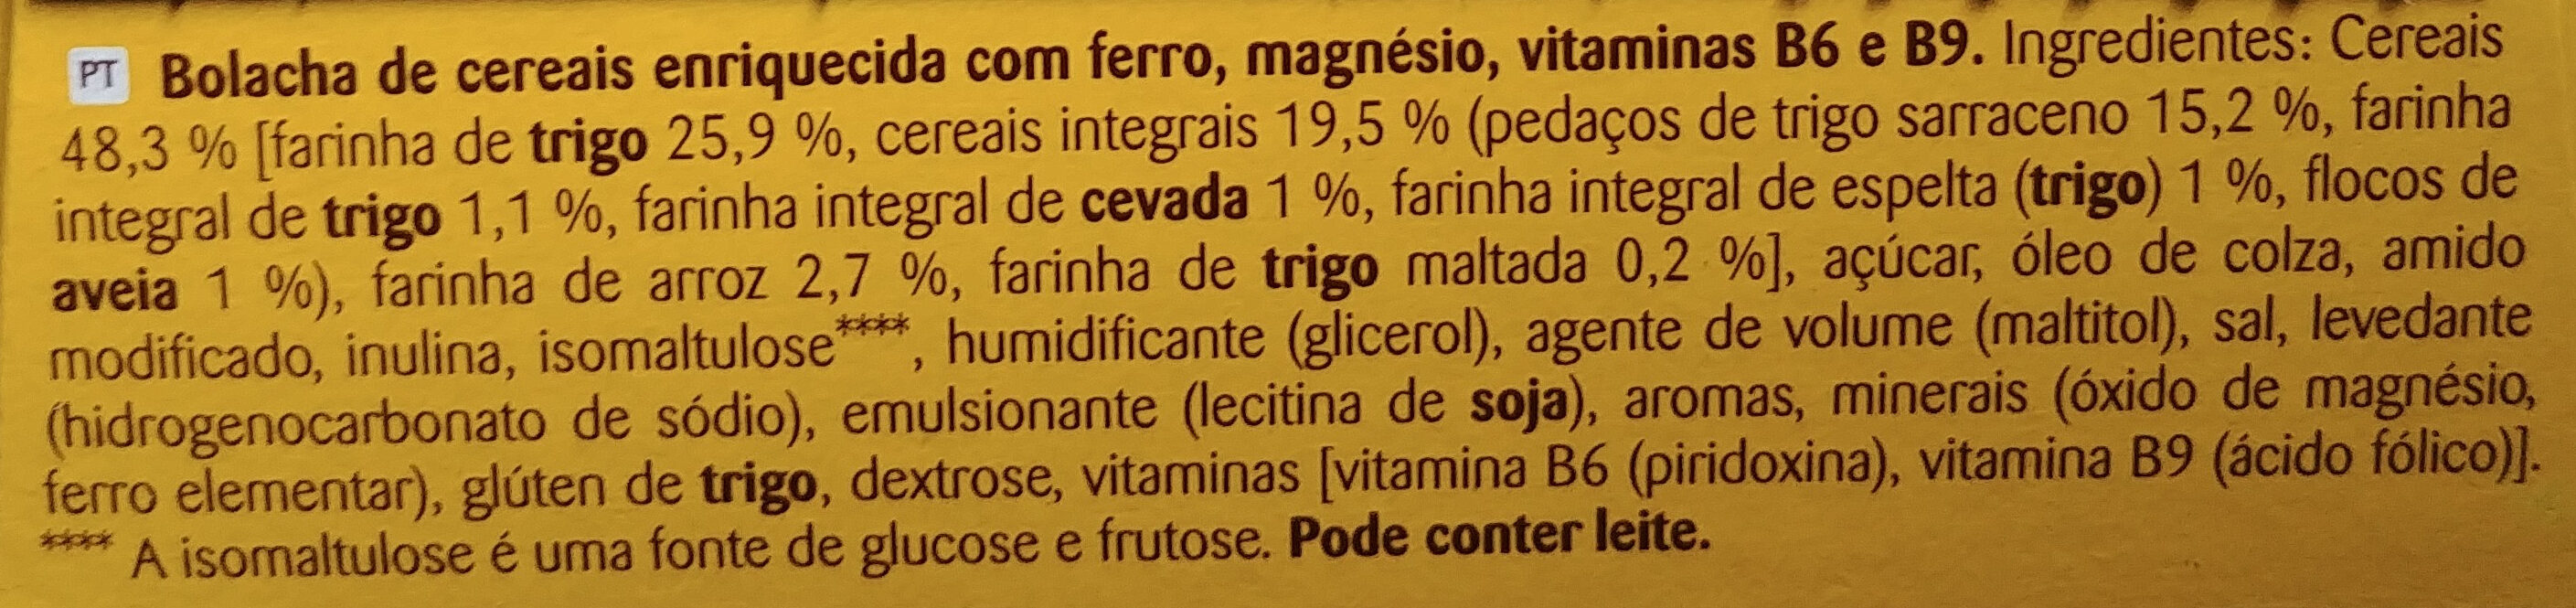 Bolacha de cereais enriquecida com ferro, magnesio, vitaminas B6 e B9. - Ingredientes